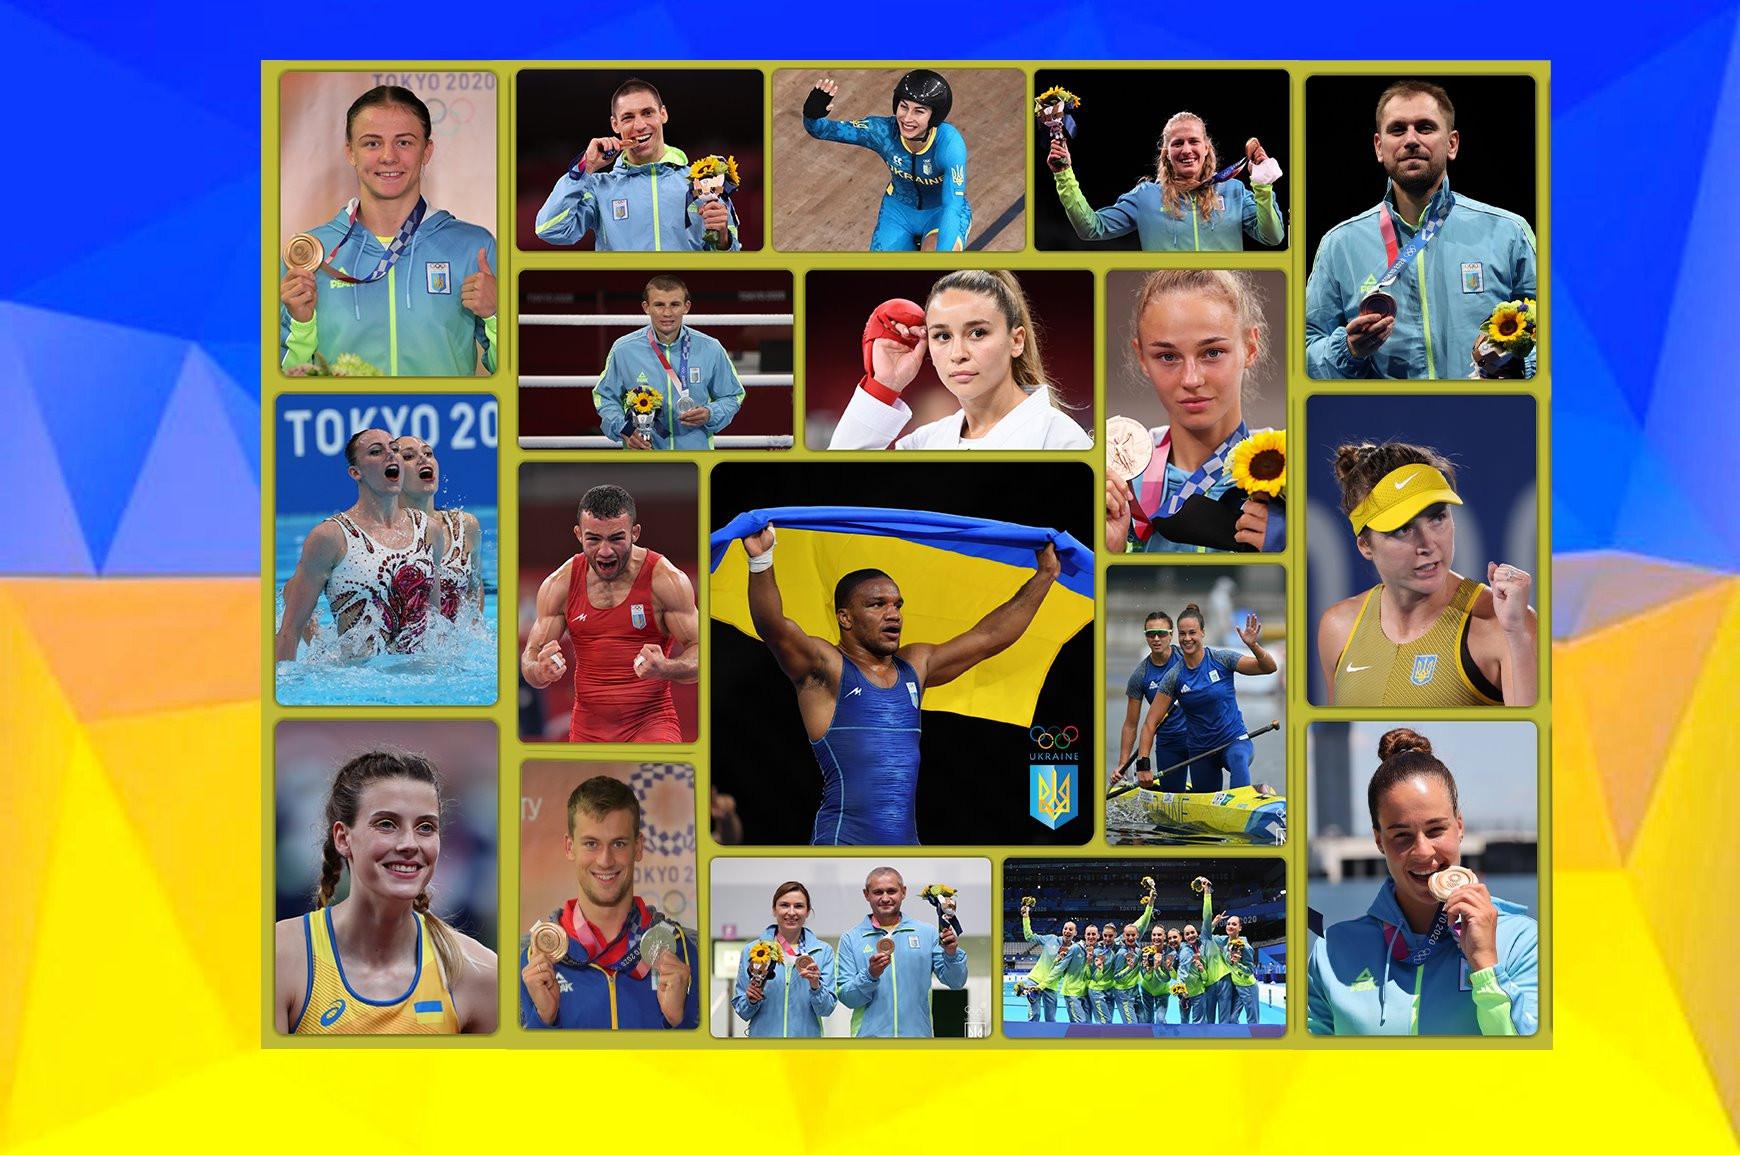 призеры Олимпиады 2020